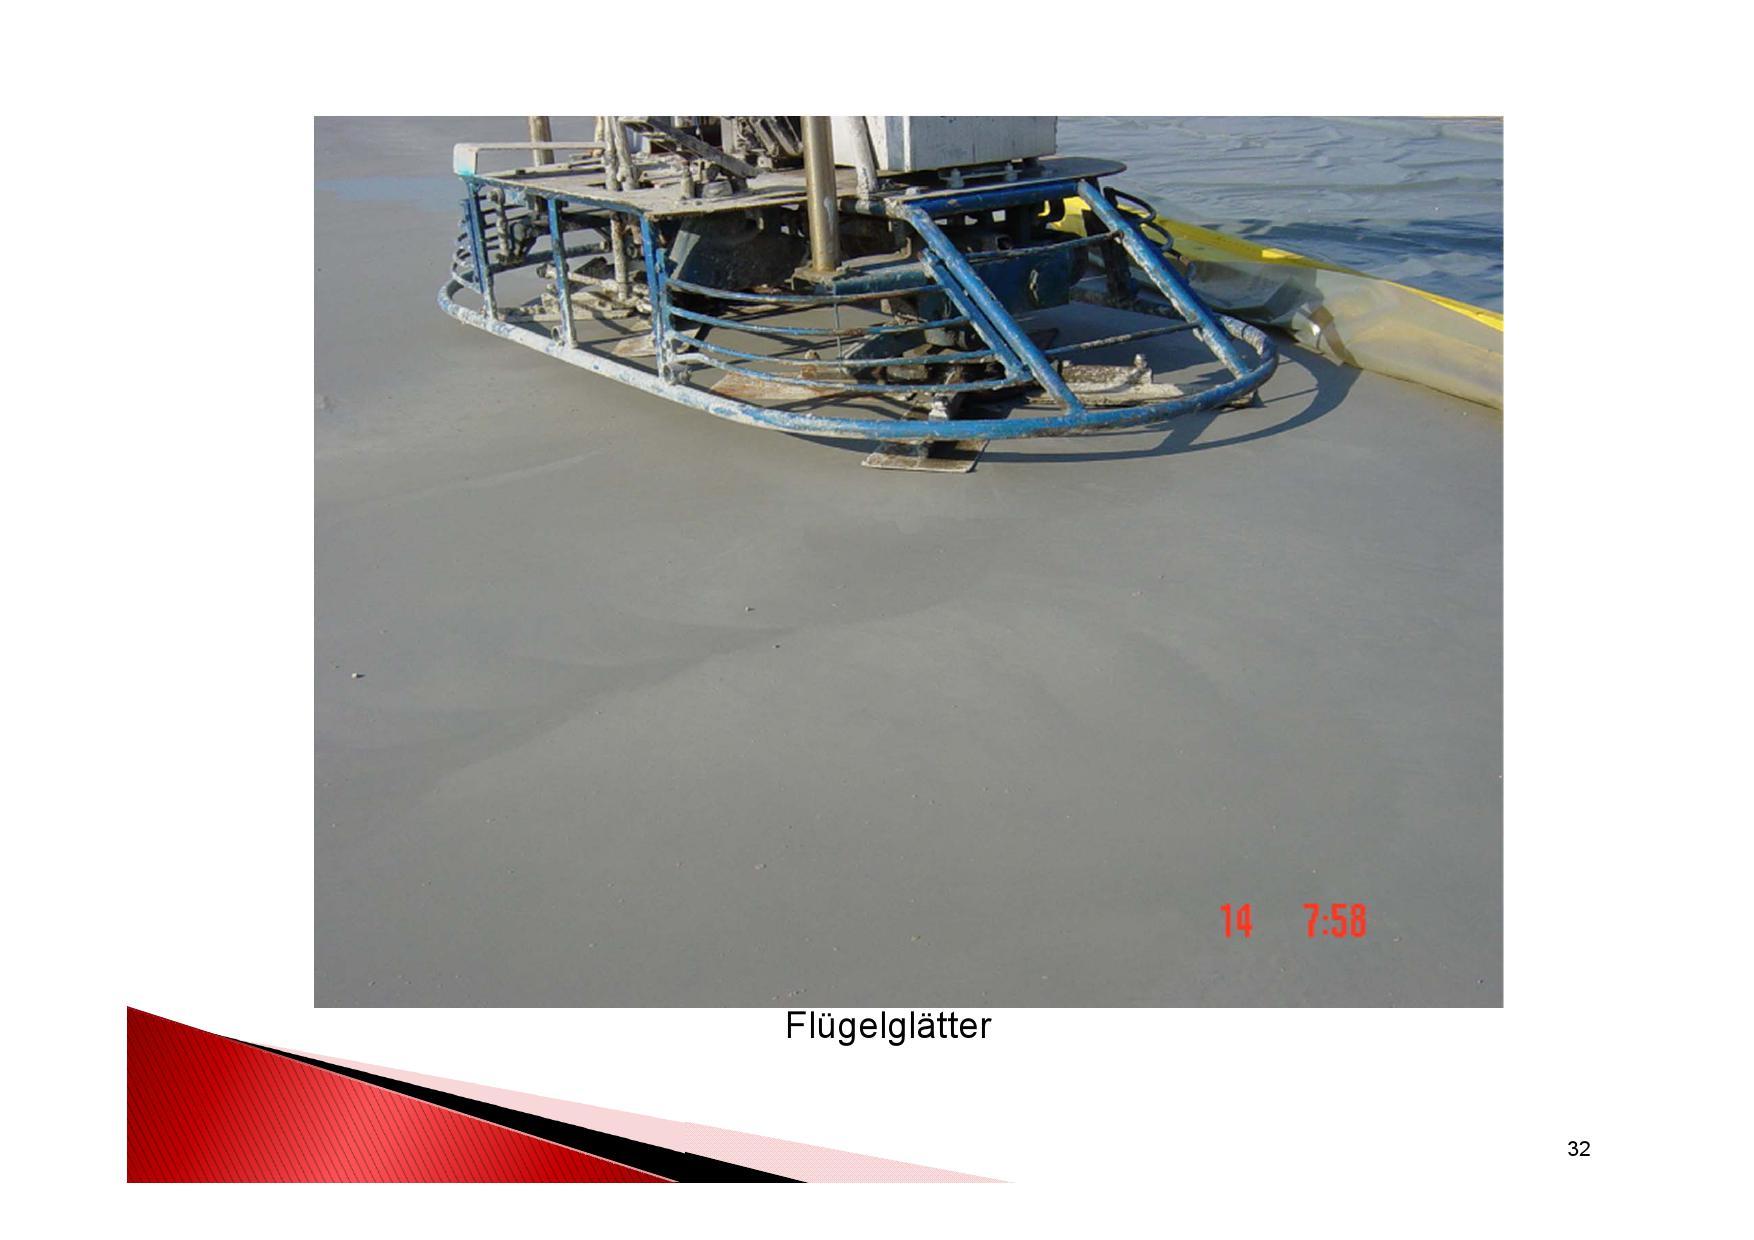 Industrieboden Herstellung: Betonboden in einer Industriehalle mit Flügelglätter glätten